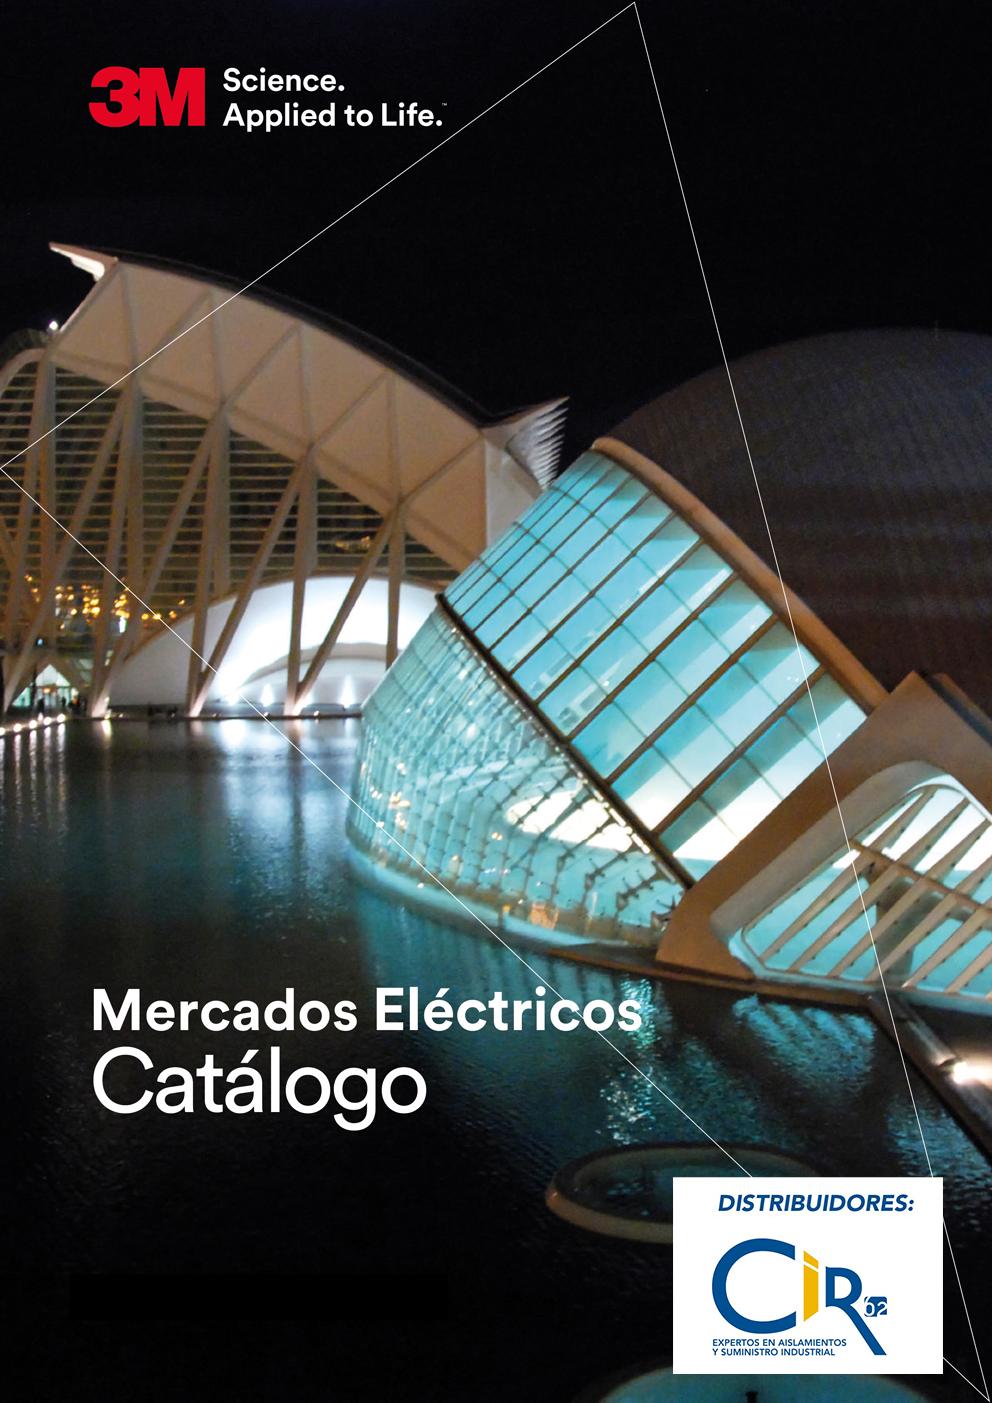 Catalogo-Electricos-portada-sellada.jpg